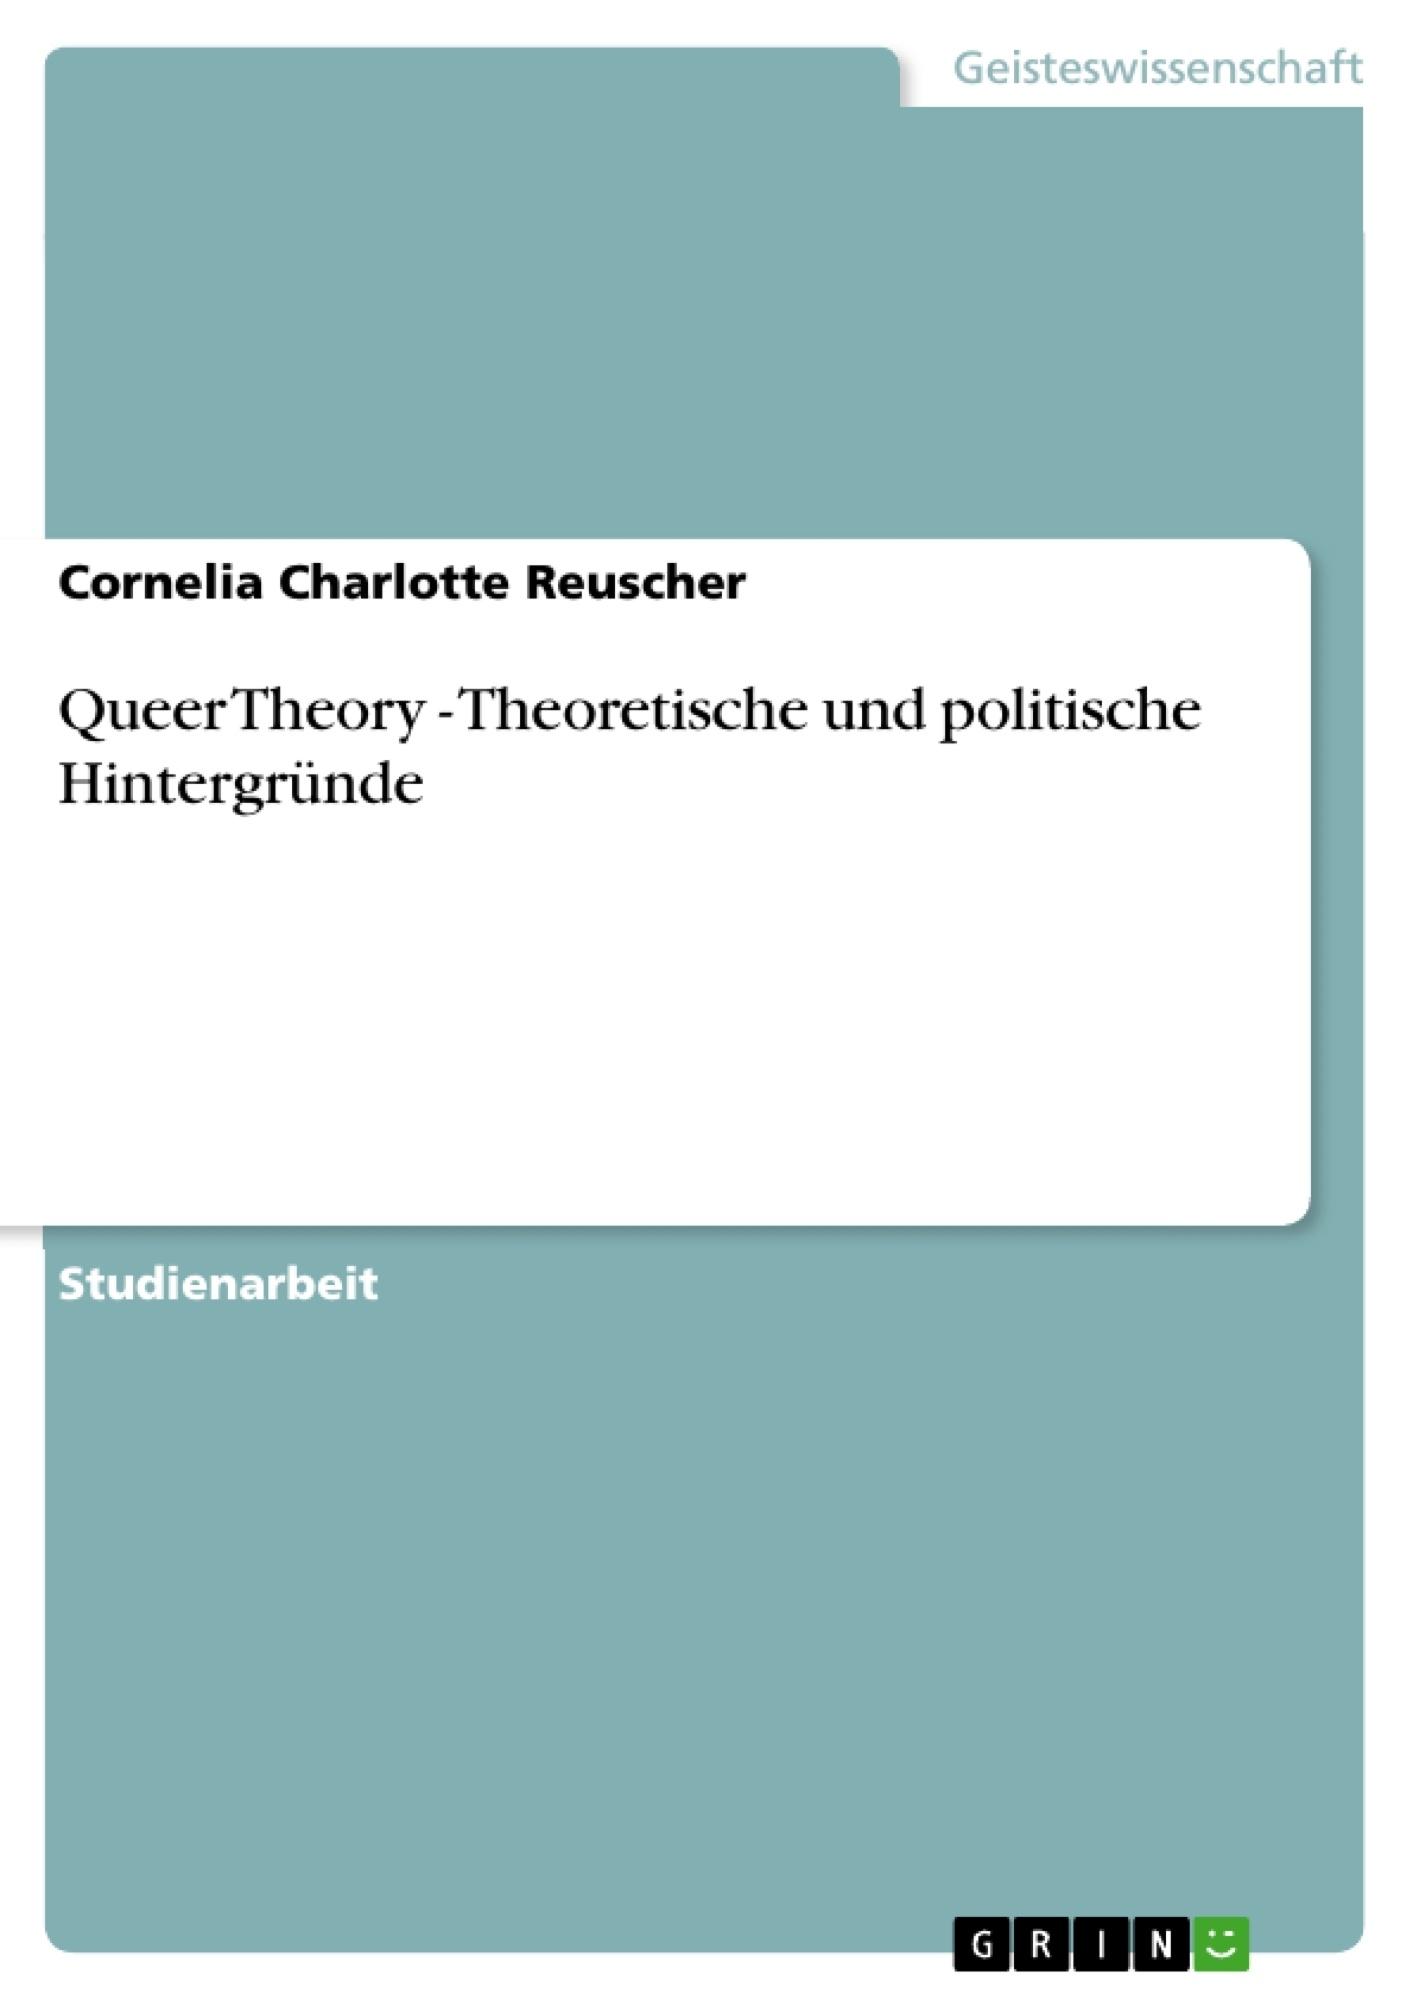 Titel: Queer Theory - Theoretische und politische Hintergründe